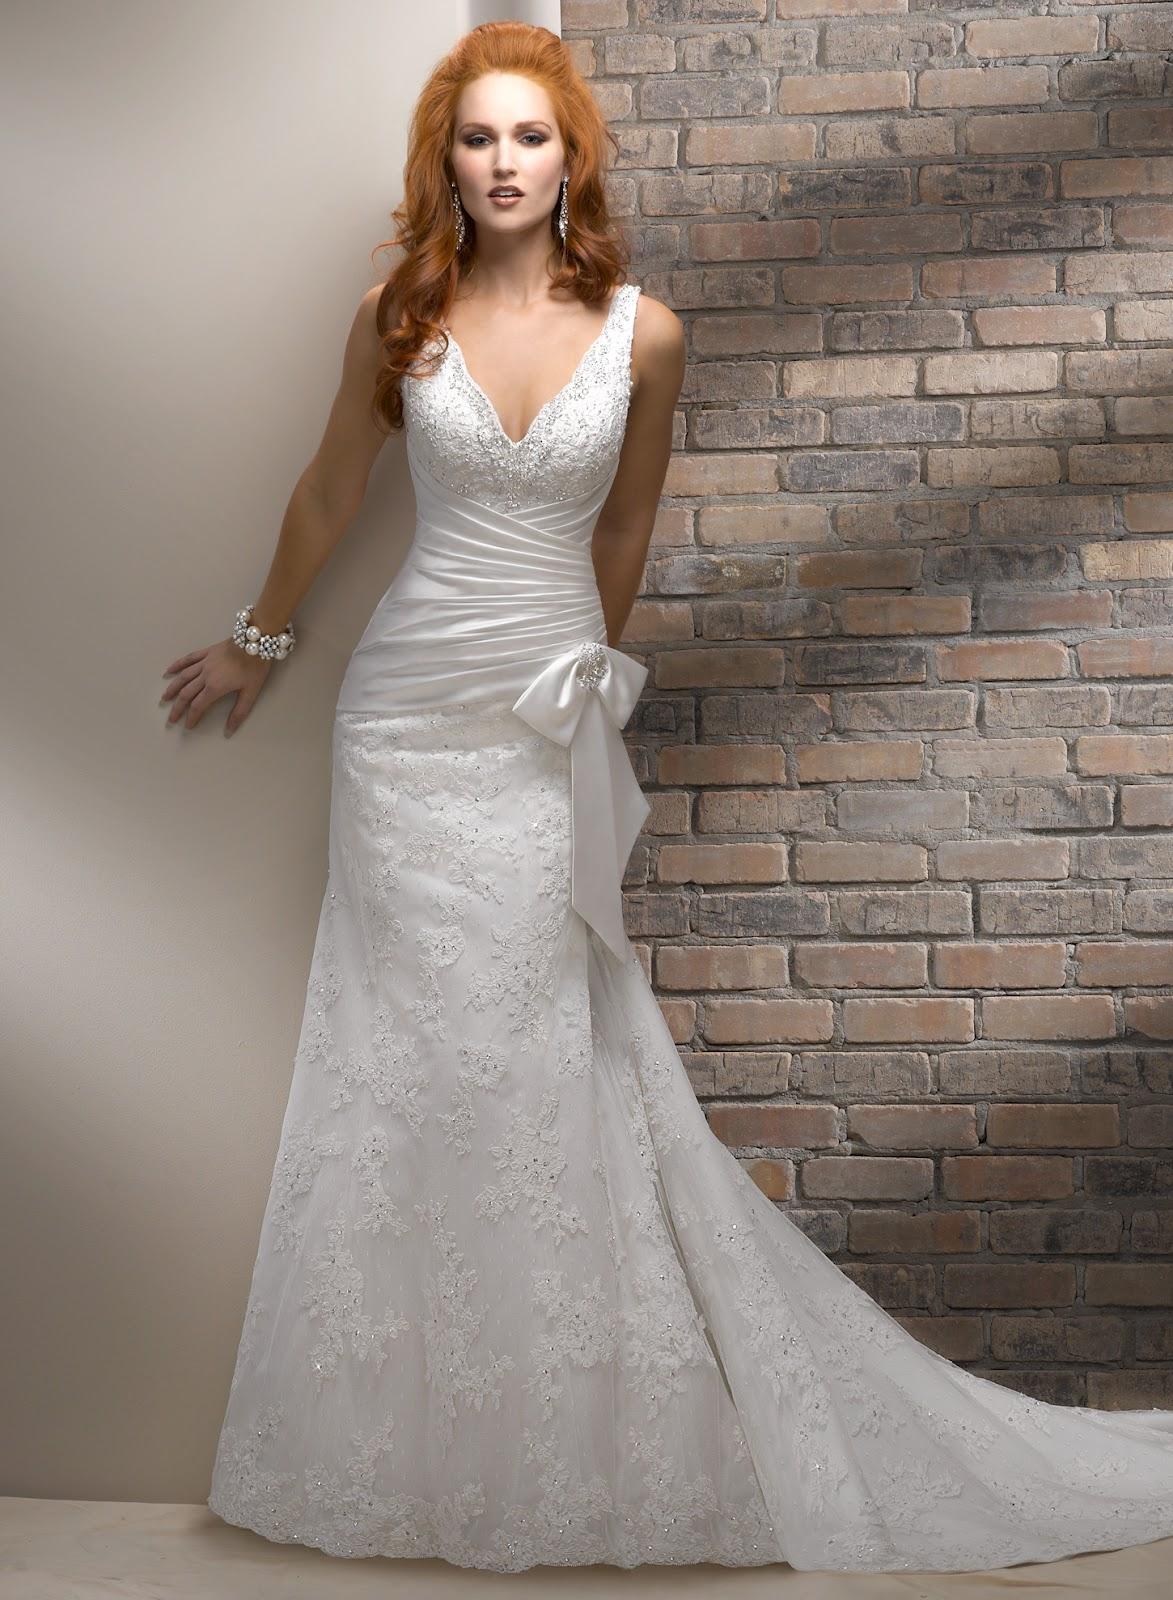 Brautkleid Reinigung und Konservierung